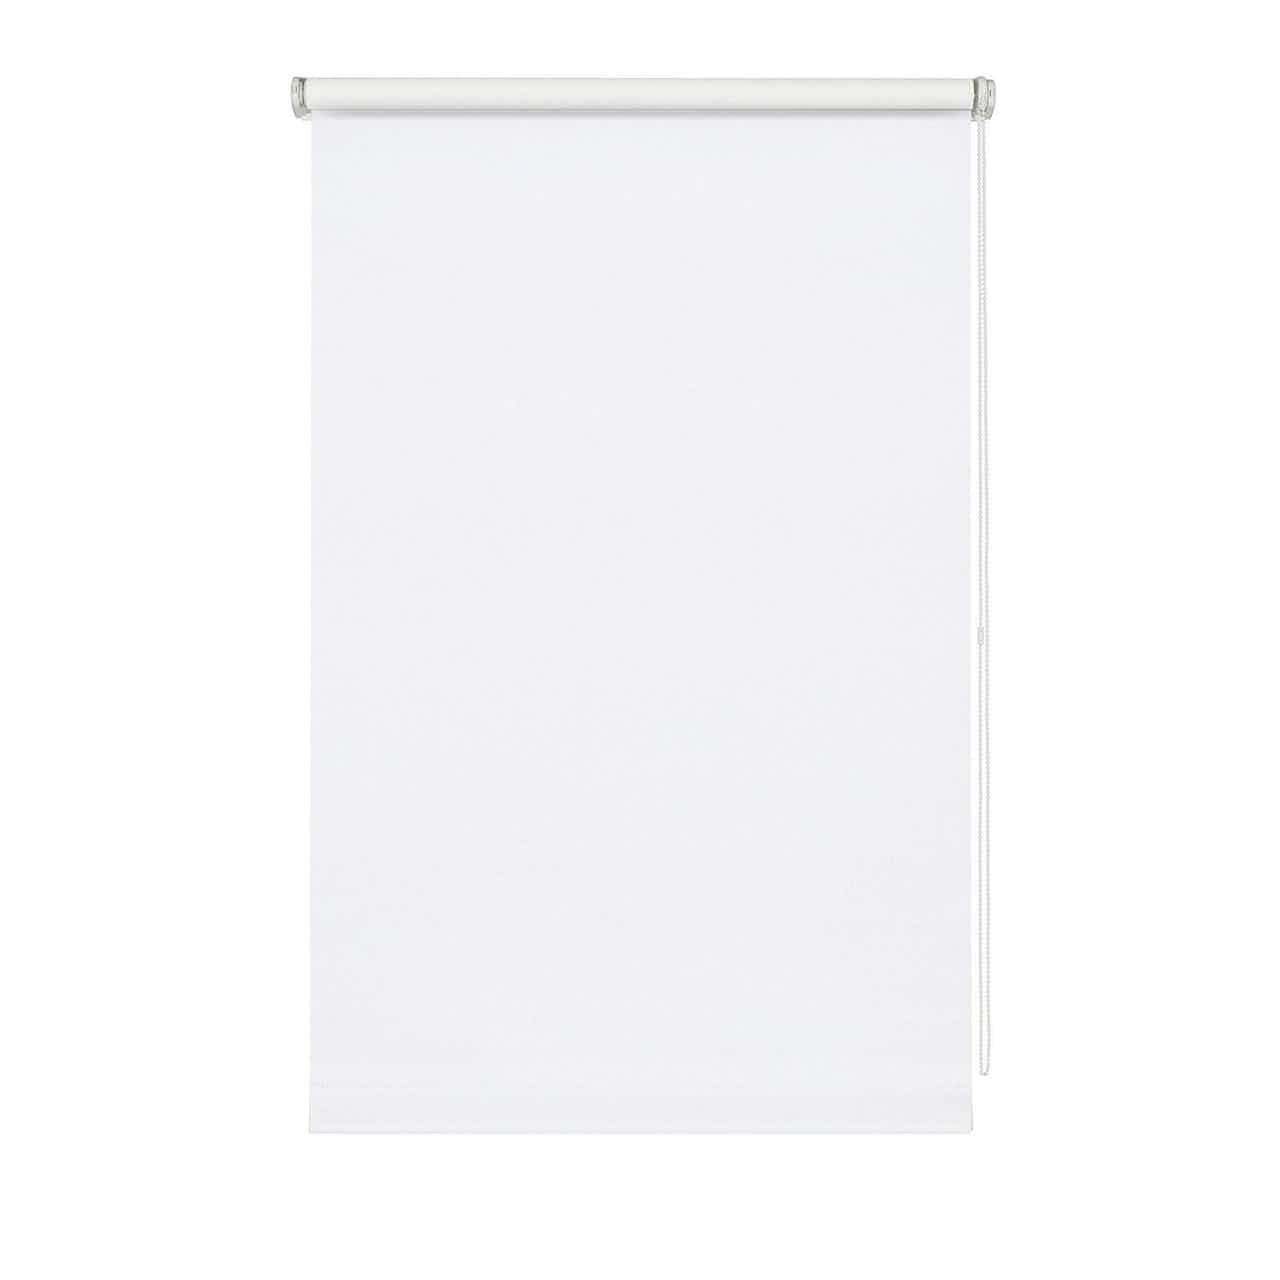 Wohnidee  Rollo lichtdurchlässig Weiß 45 cm x 150 cm